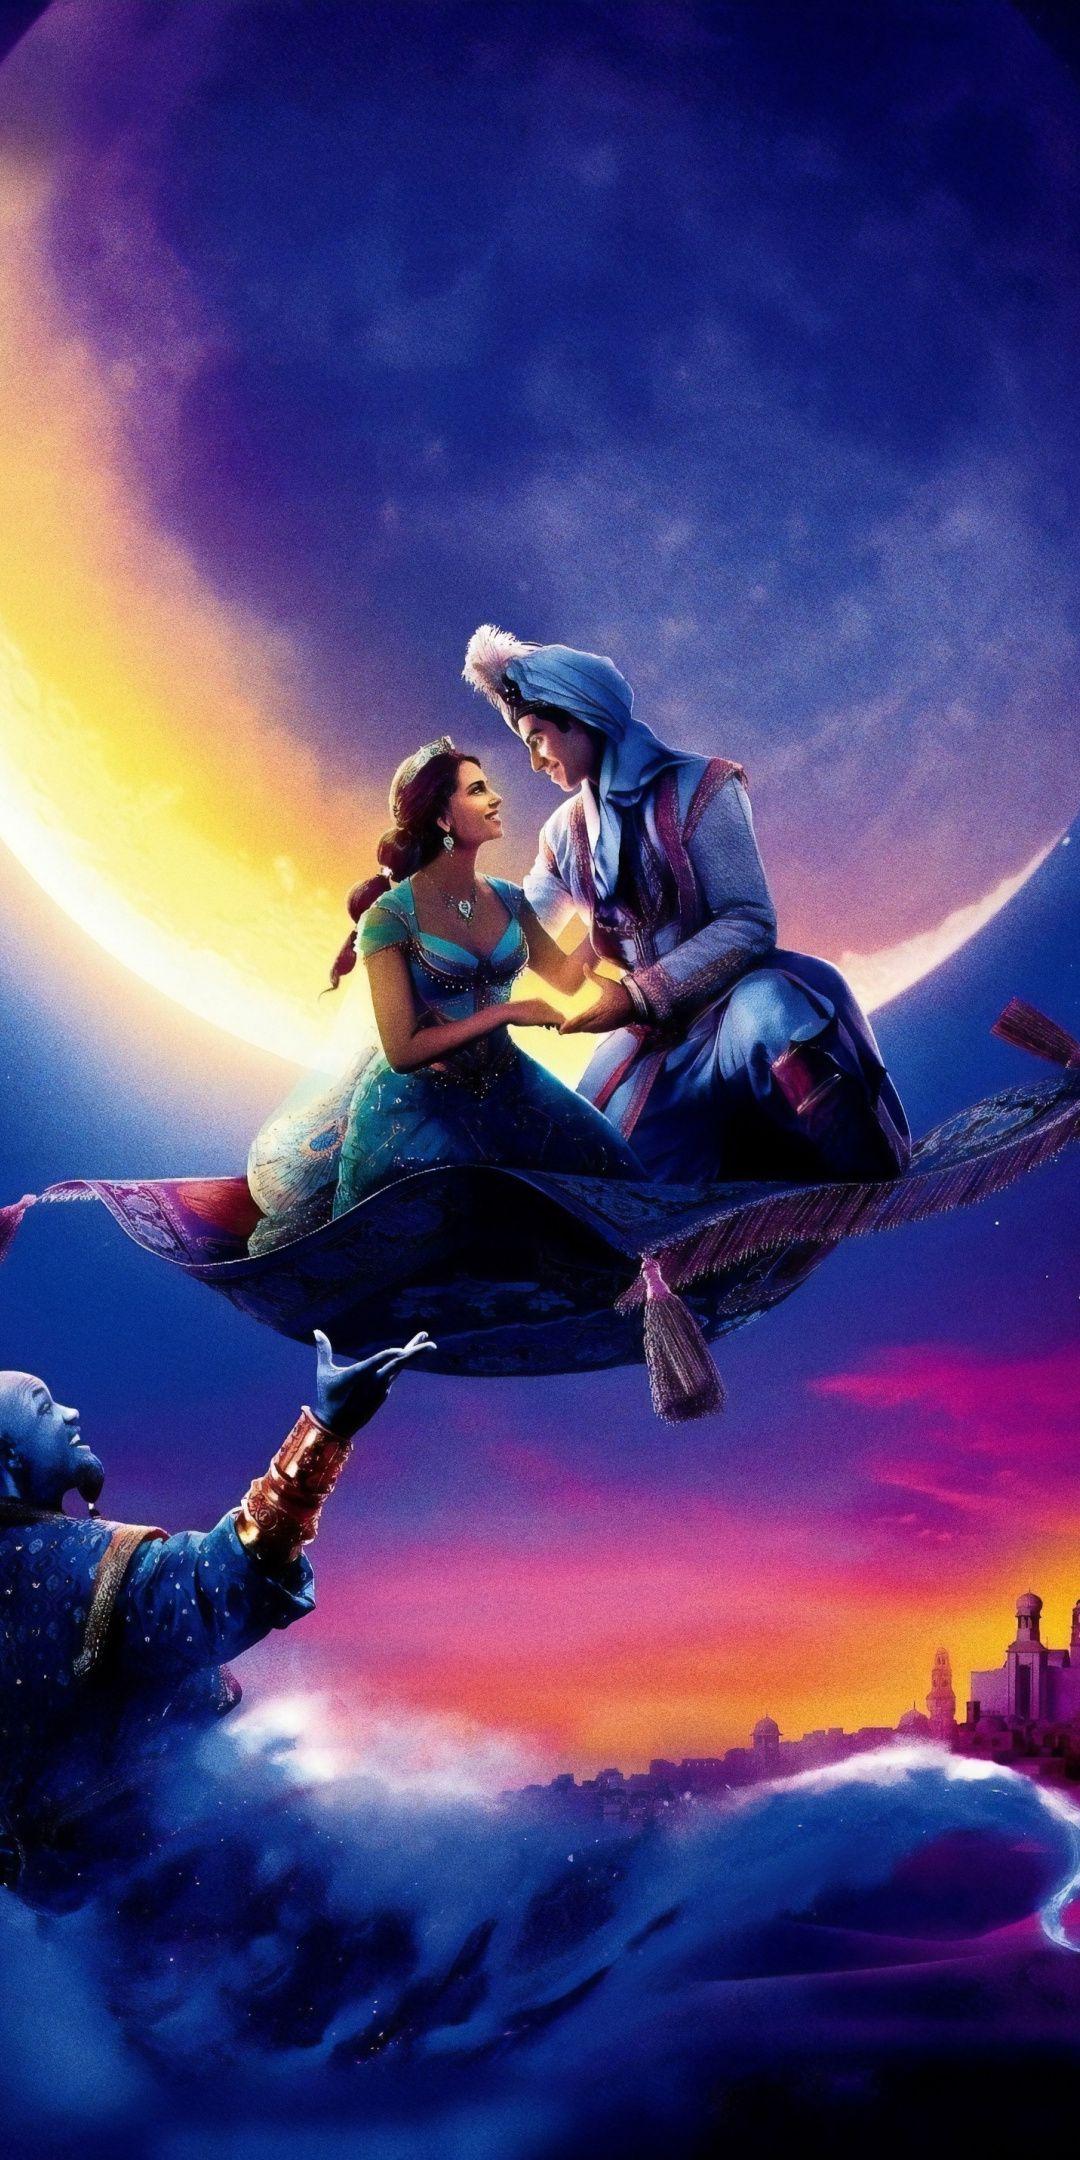 19 Movie Aladdin And Jasmin Flight Wallpaper Com Imagens Wallpapers De Filmes Papel De Parede Disney Filme Aladdin